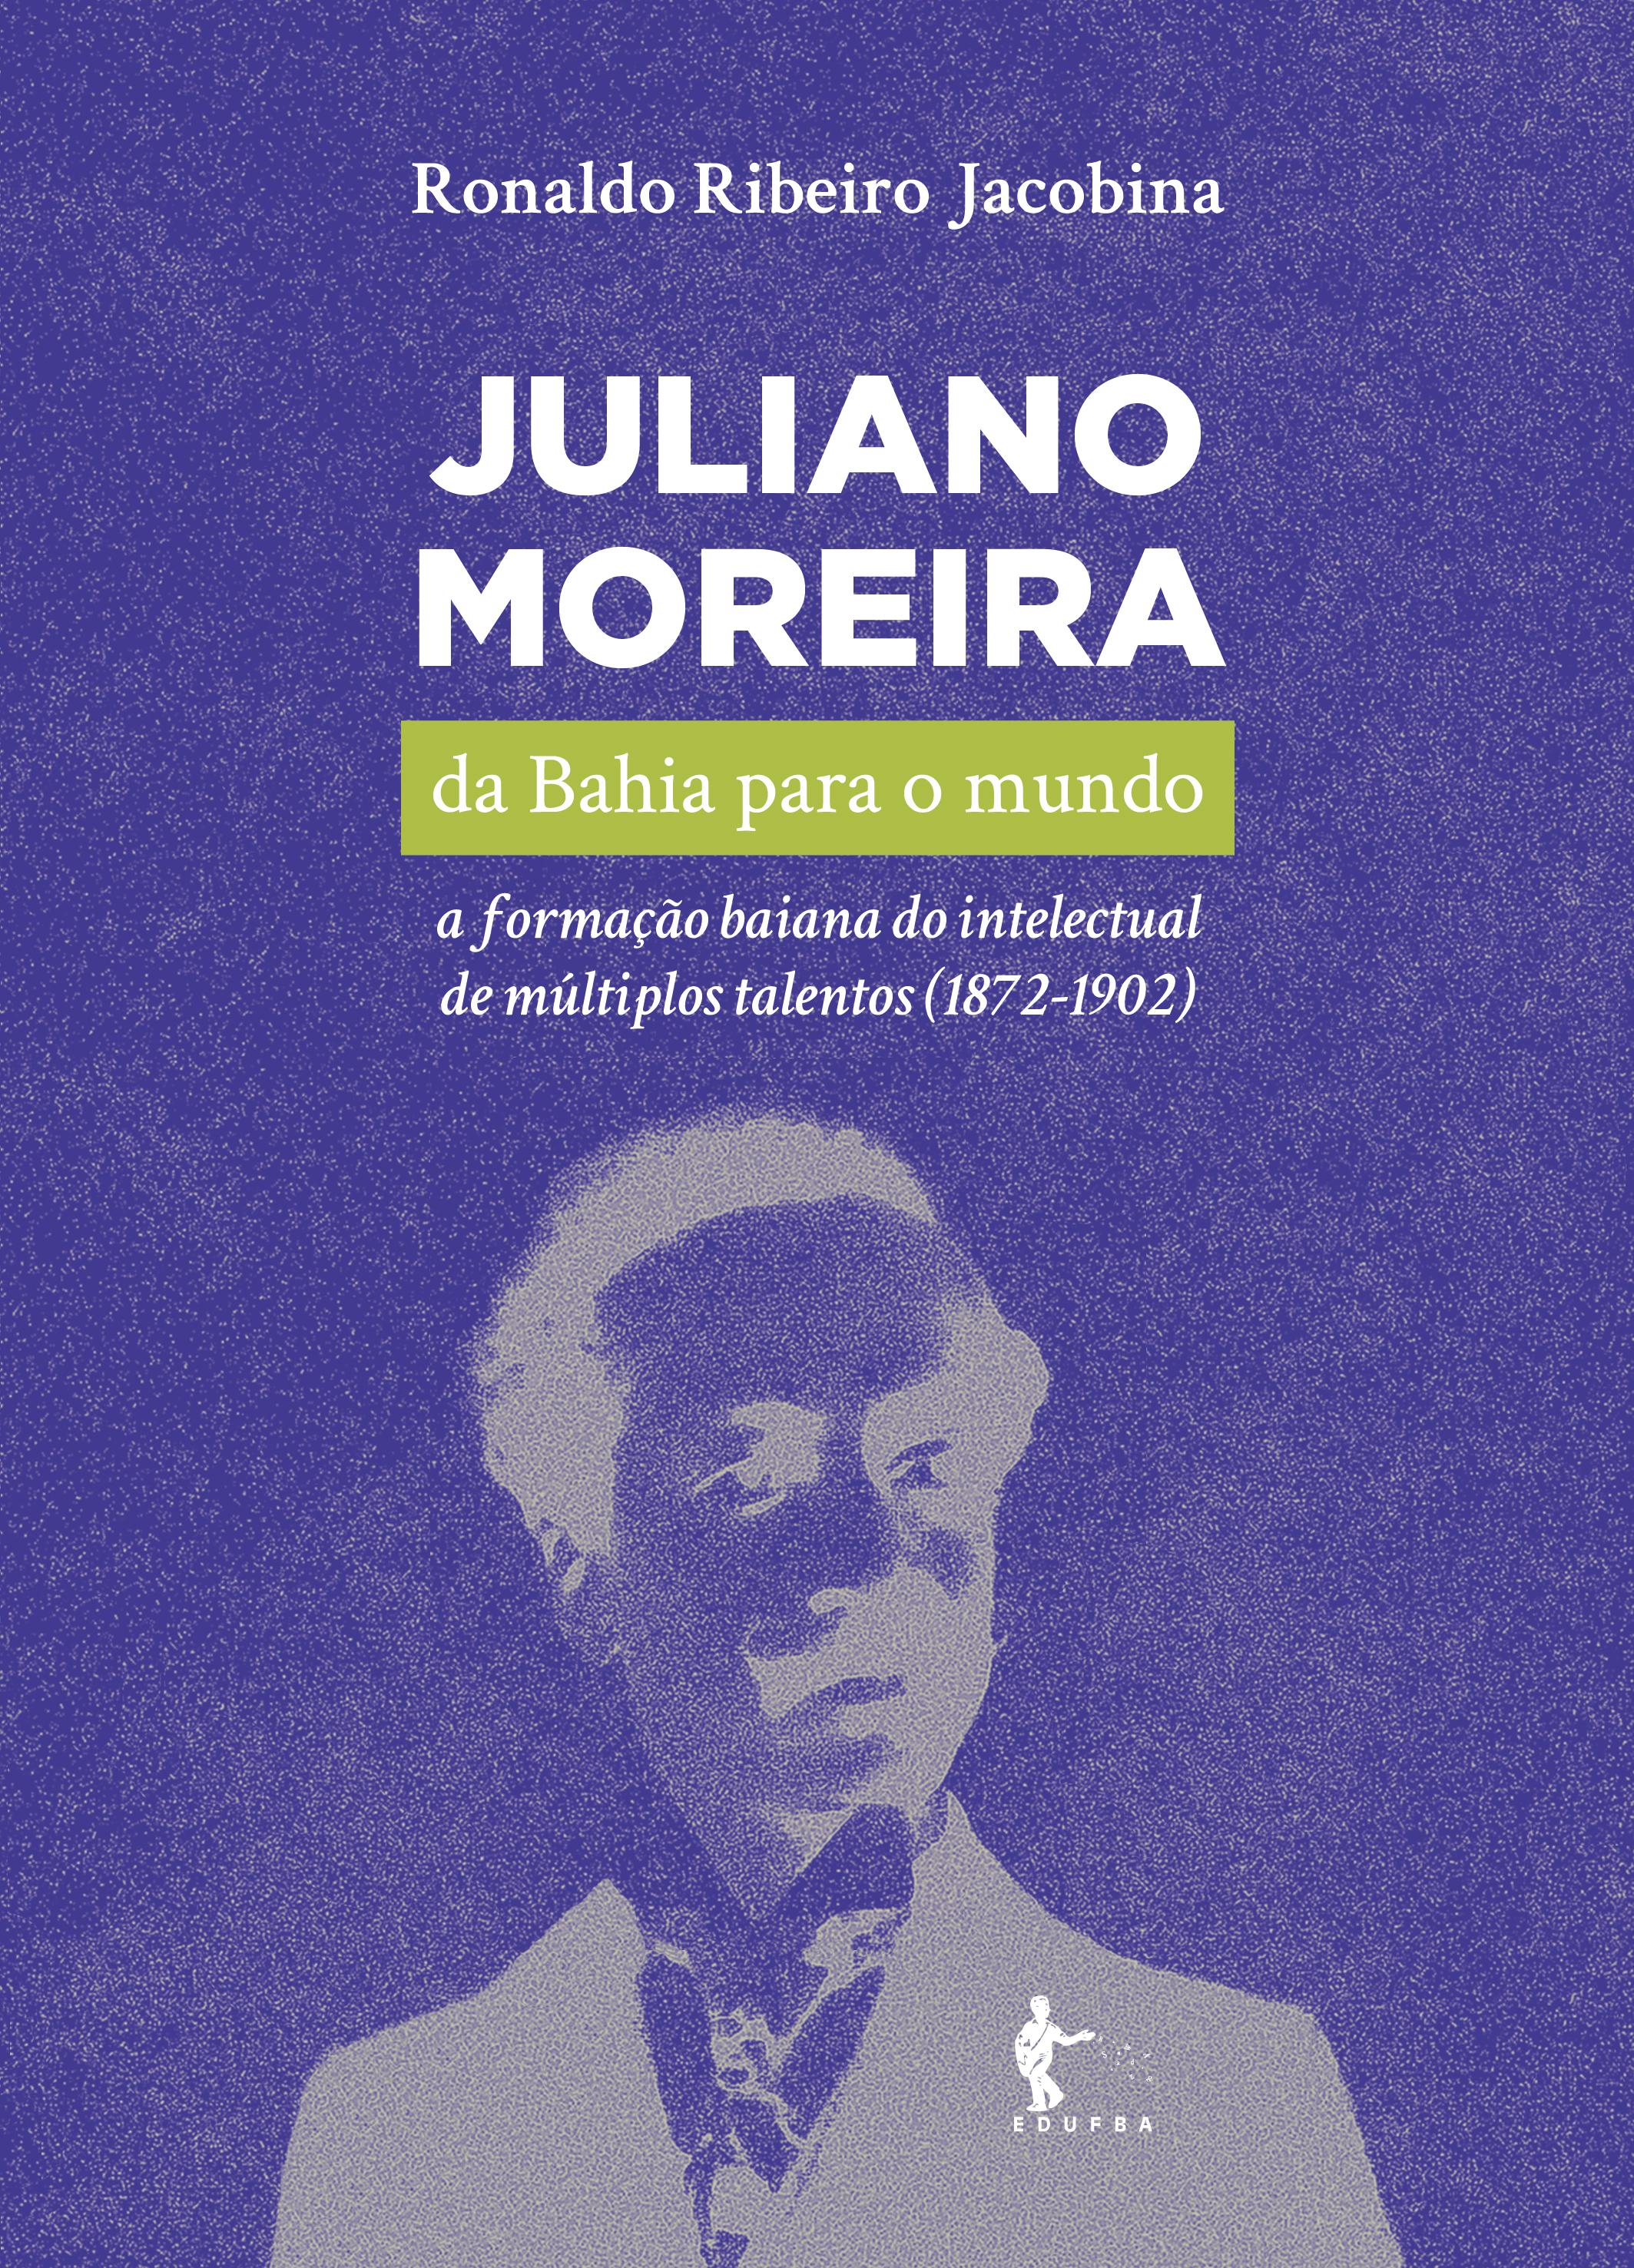 Juliano Moreira da Bahia para o Mundo - a formação baiana do intelectual de múltiplos talentos (1872-1902), livro de Ronaldo Ribeiro Jacobina